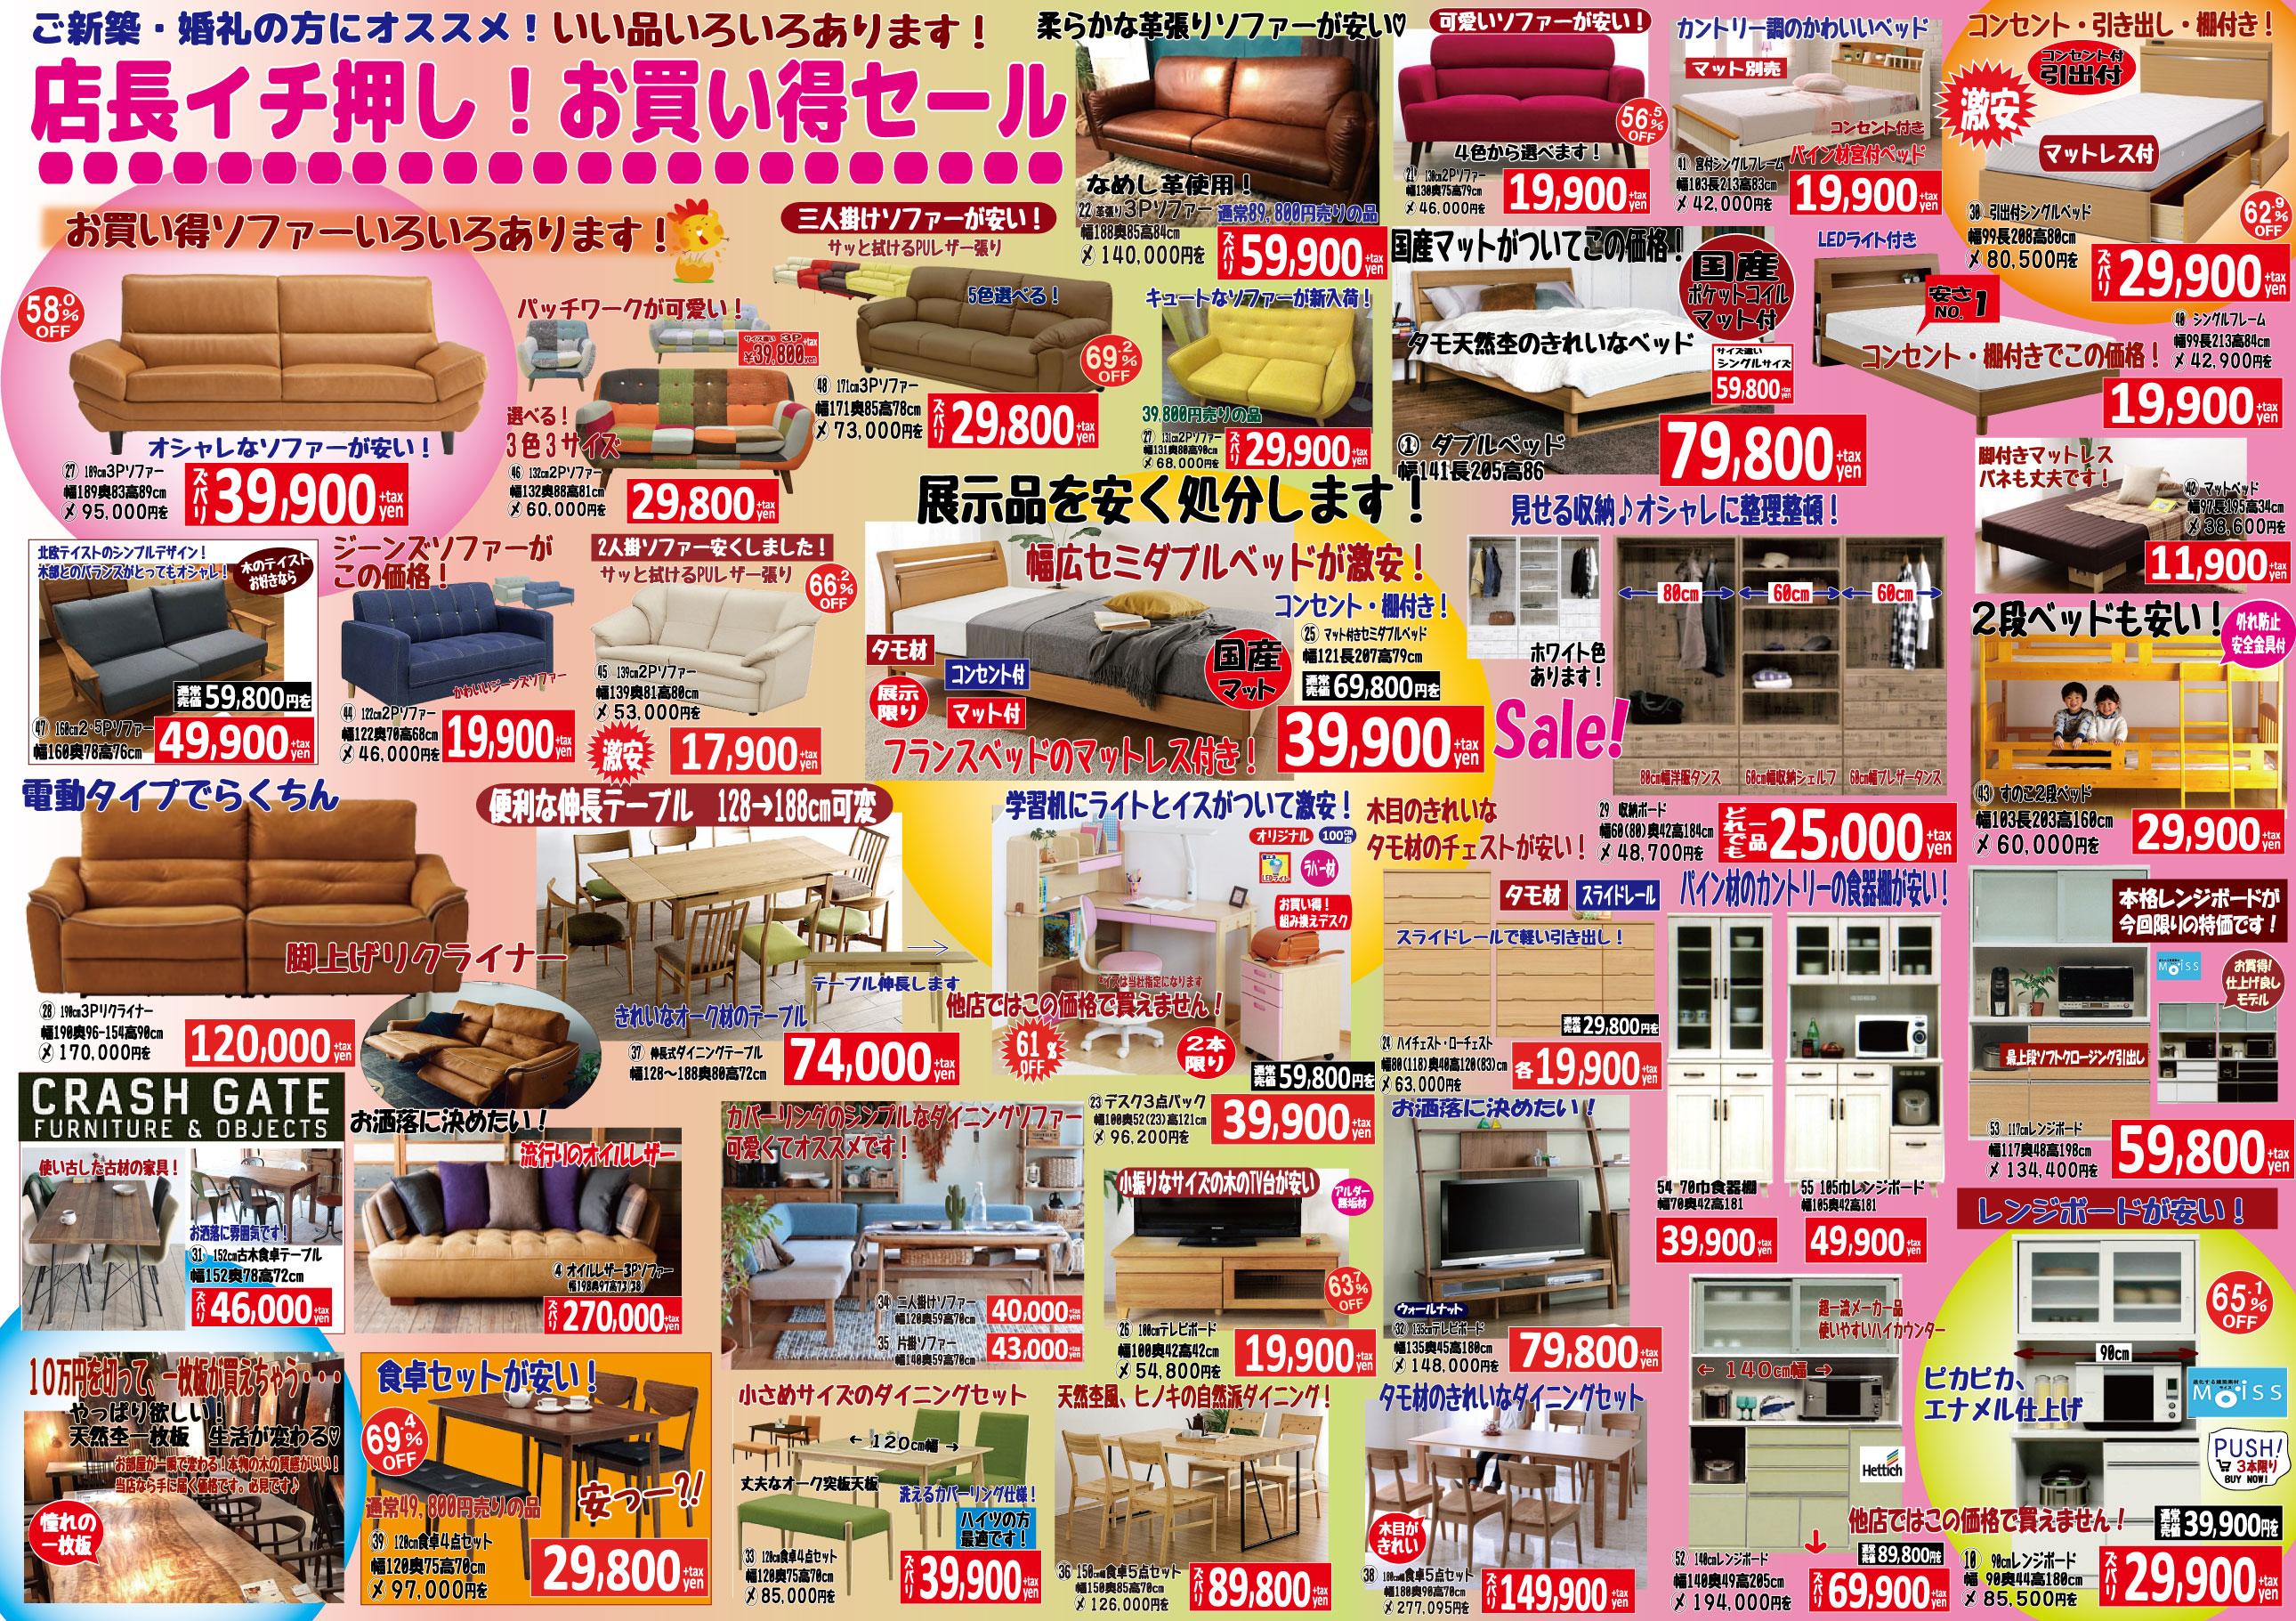 姫路家具 兵庫県家具 家具センタームラセ 2019年6月お買い得チラシ チラシB面